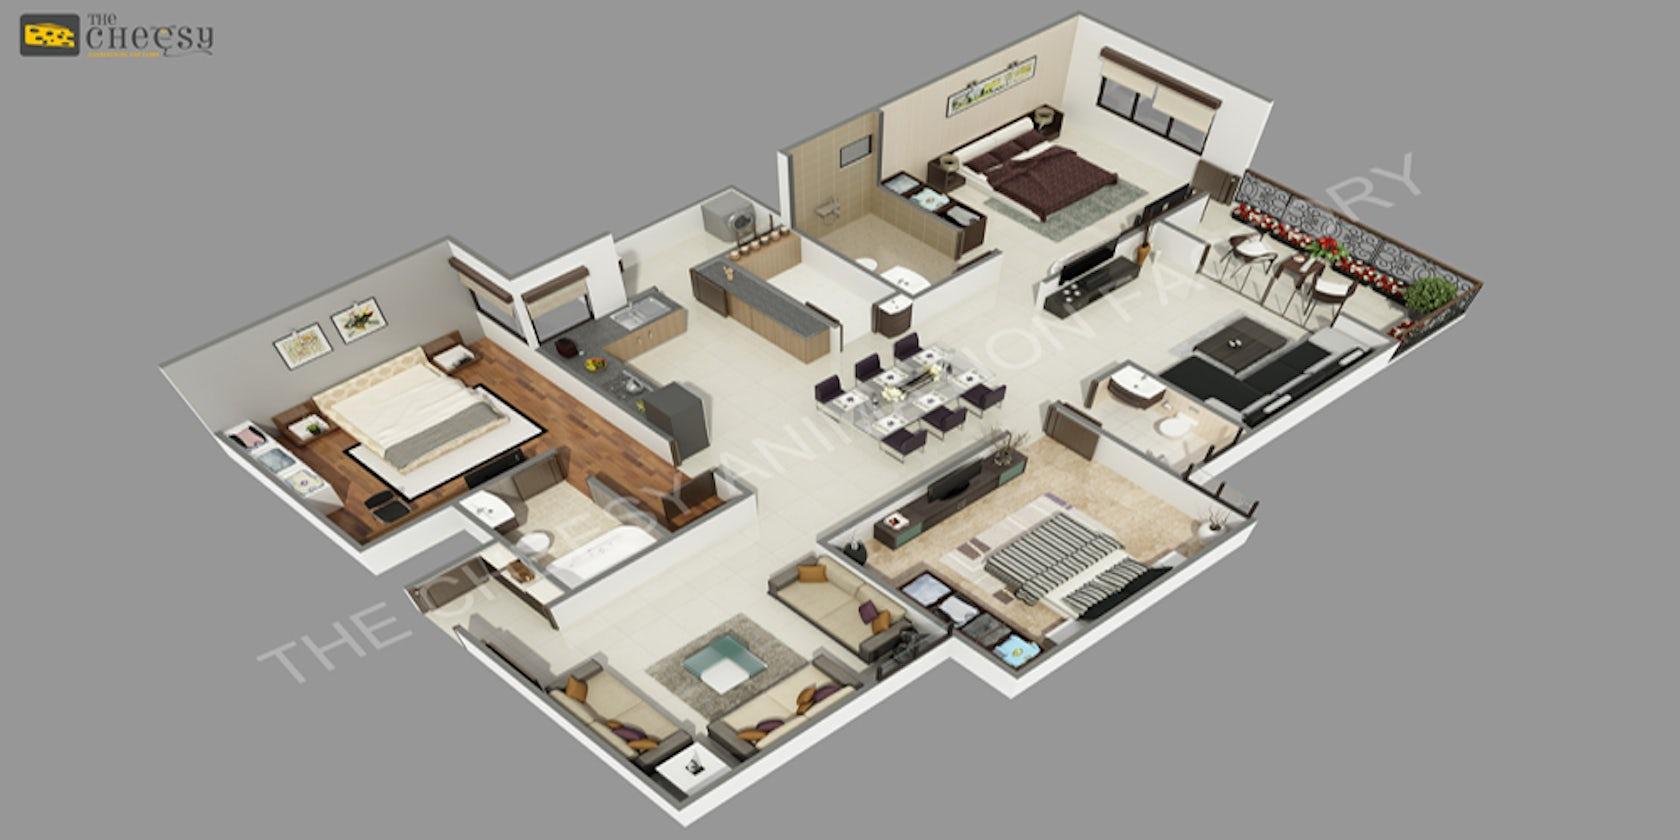 3d floor plan rendering architizer for 3d floor plan rendering